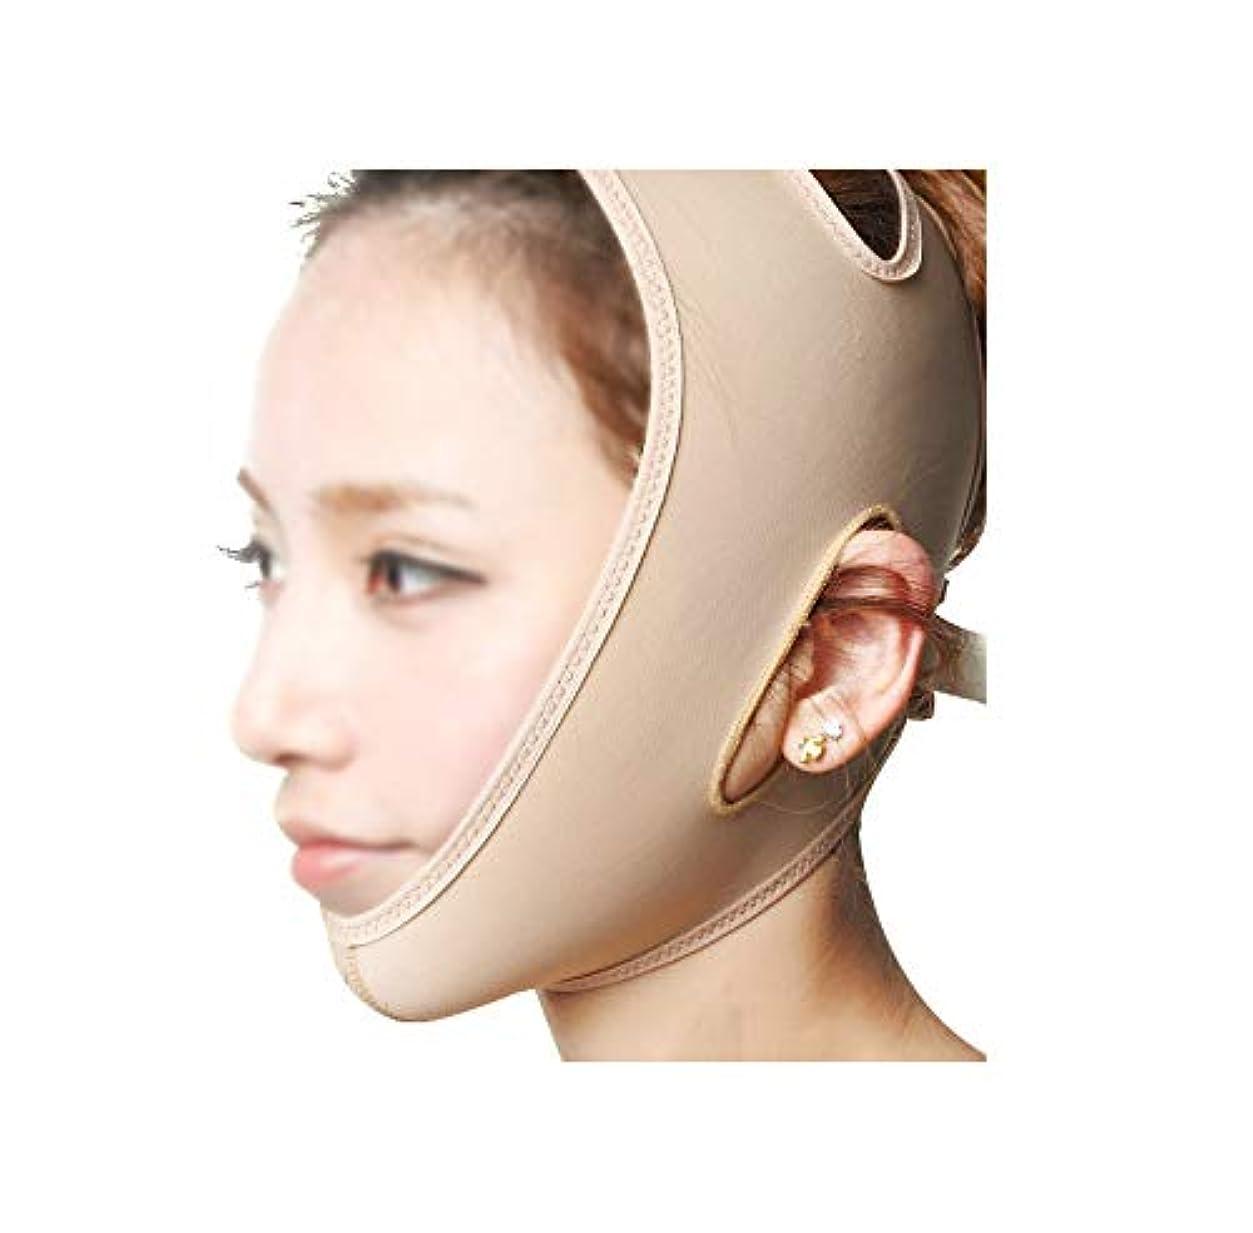 釈義瞬時にシーケンスXHLMRMJ フェイスリフティングバンデージ、フェイスマスク3Dパネルデザイン、通気性のある非通気性、高弾性ライクラ生地フィジカルVフェイス、美しい顔の輪郭の作成 (Size : M)